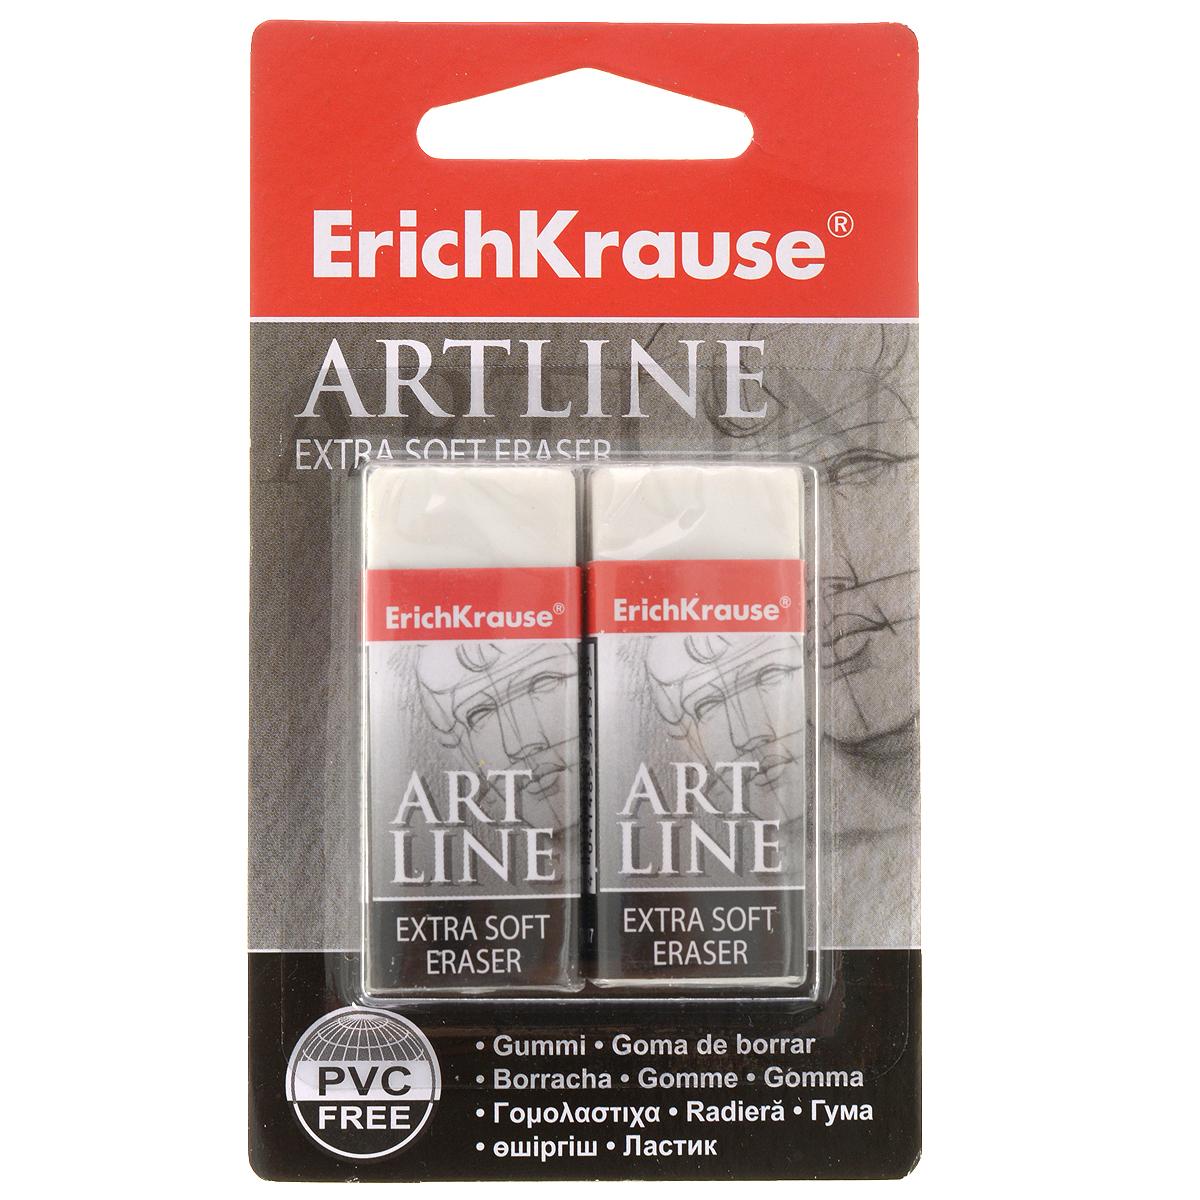 Набор ластиков Erich Krause Artlane, 2 шт35138Набор ластиков Erich Krause Artlaneстанет незаменимым аксессуаром на рабочем столе не только школьника или студента, но и офисного работника. Он прекрасно удаляет линии, оставленные карандашами. При стирании стружка от ластика скатывается в единый комок, а не рассыпается по всей поверхности бумаги. В комплекте два ластика.